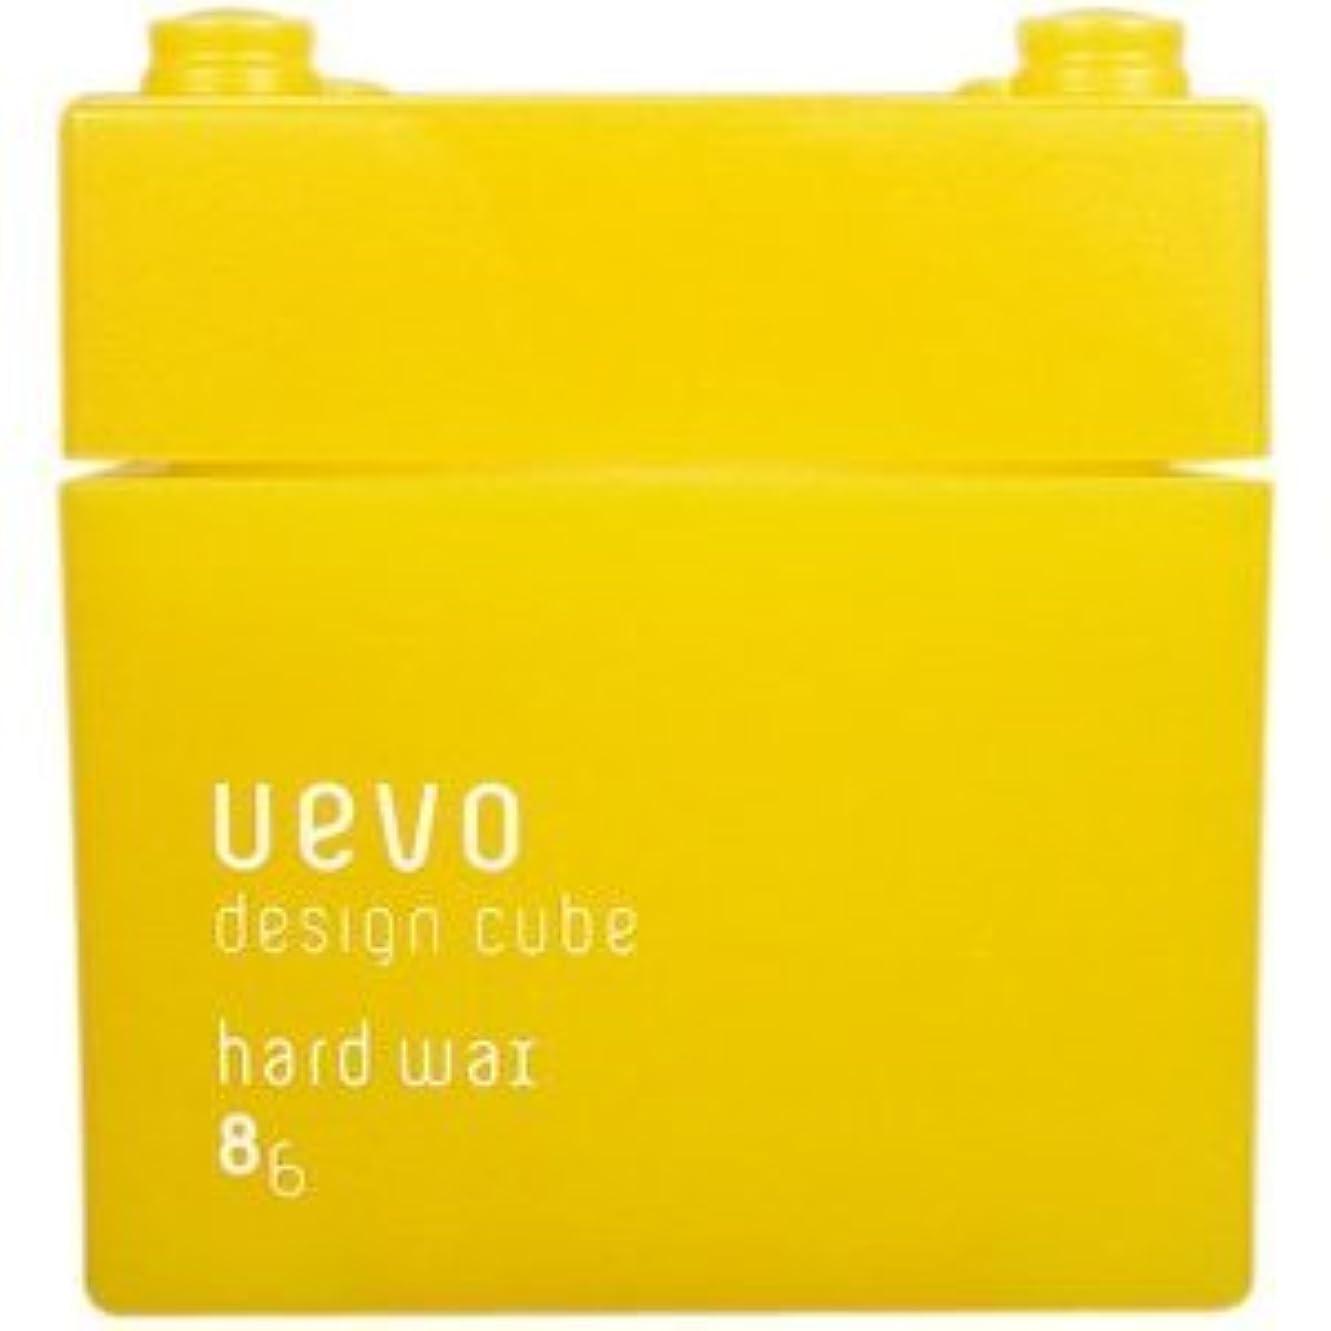 医師教育増強する【X3個セット】 デミ ウェーボ デザインキューブ ハードワックス 80g hard wax DEMI uevo design cube